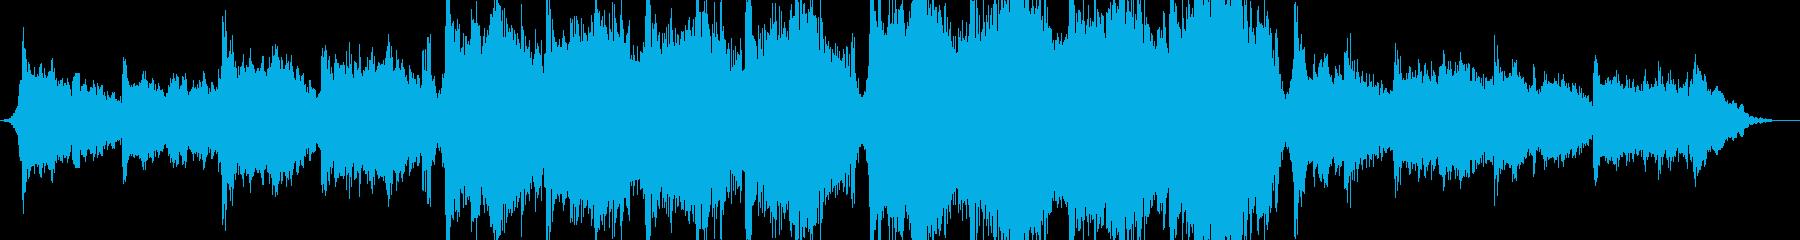 オーケストラパーカッション磁気叙事詩の再生済みの波形